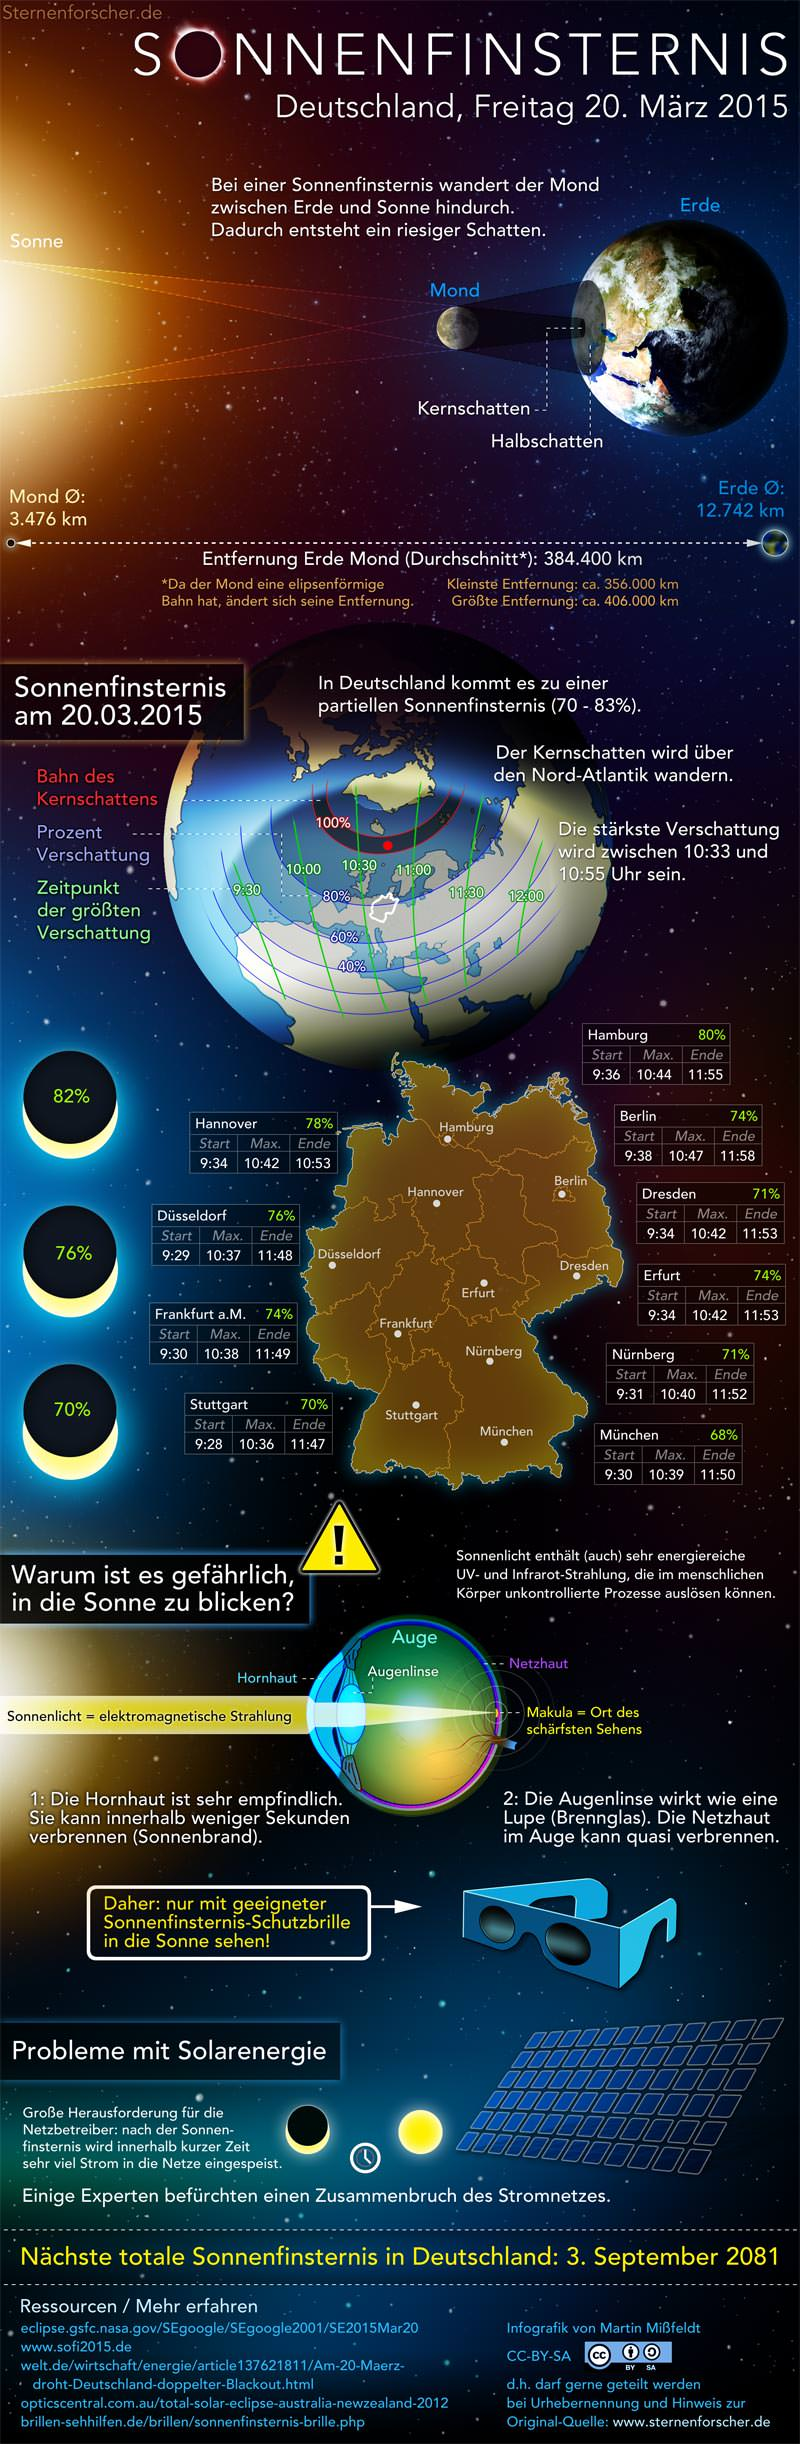 sonnenfinsternis-infografik